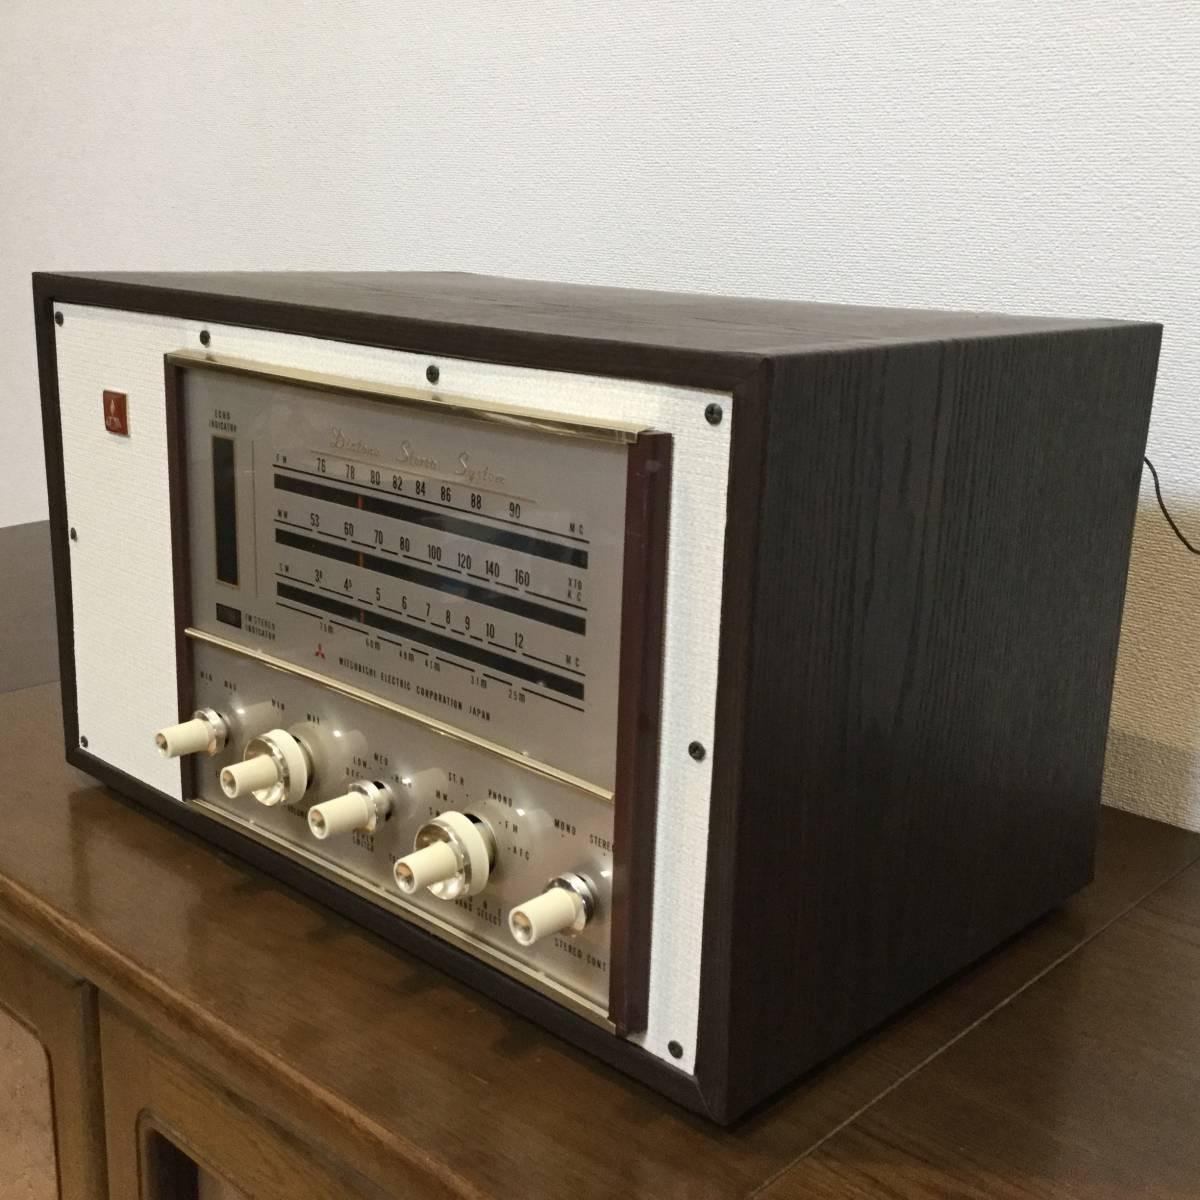 三菱 AM/SW/FM真空管ステレオラジオアンプ 整備済みジャンク_画像2